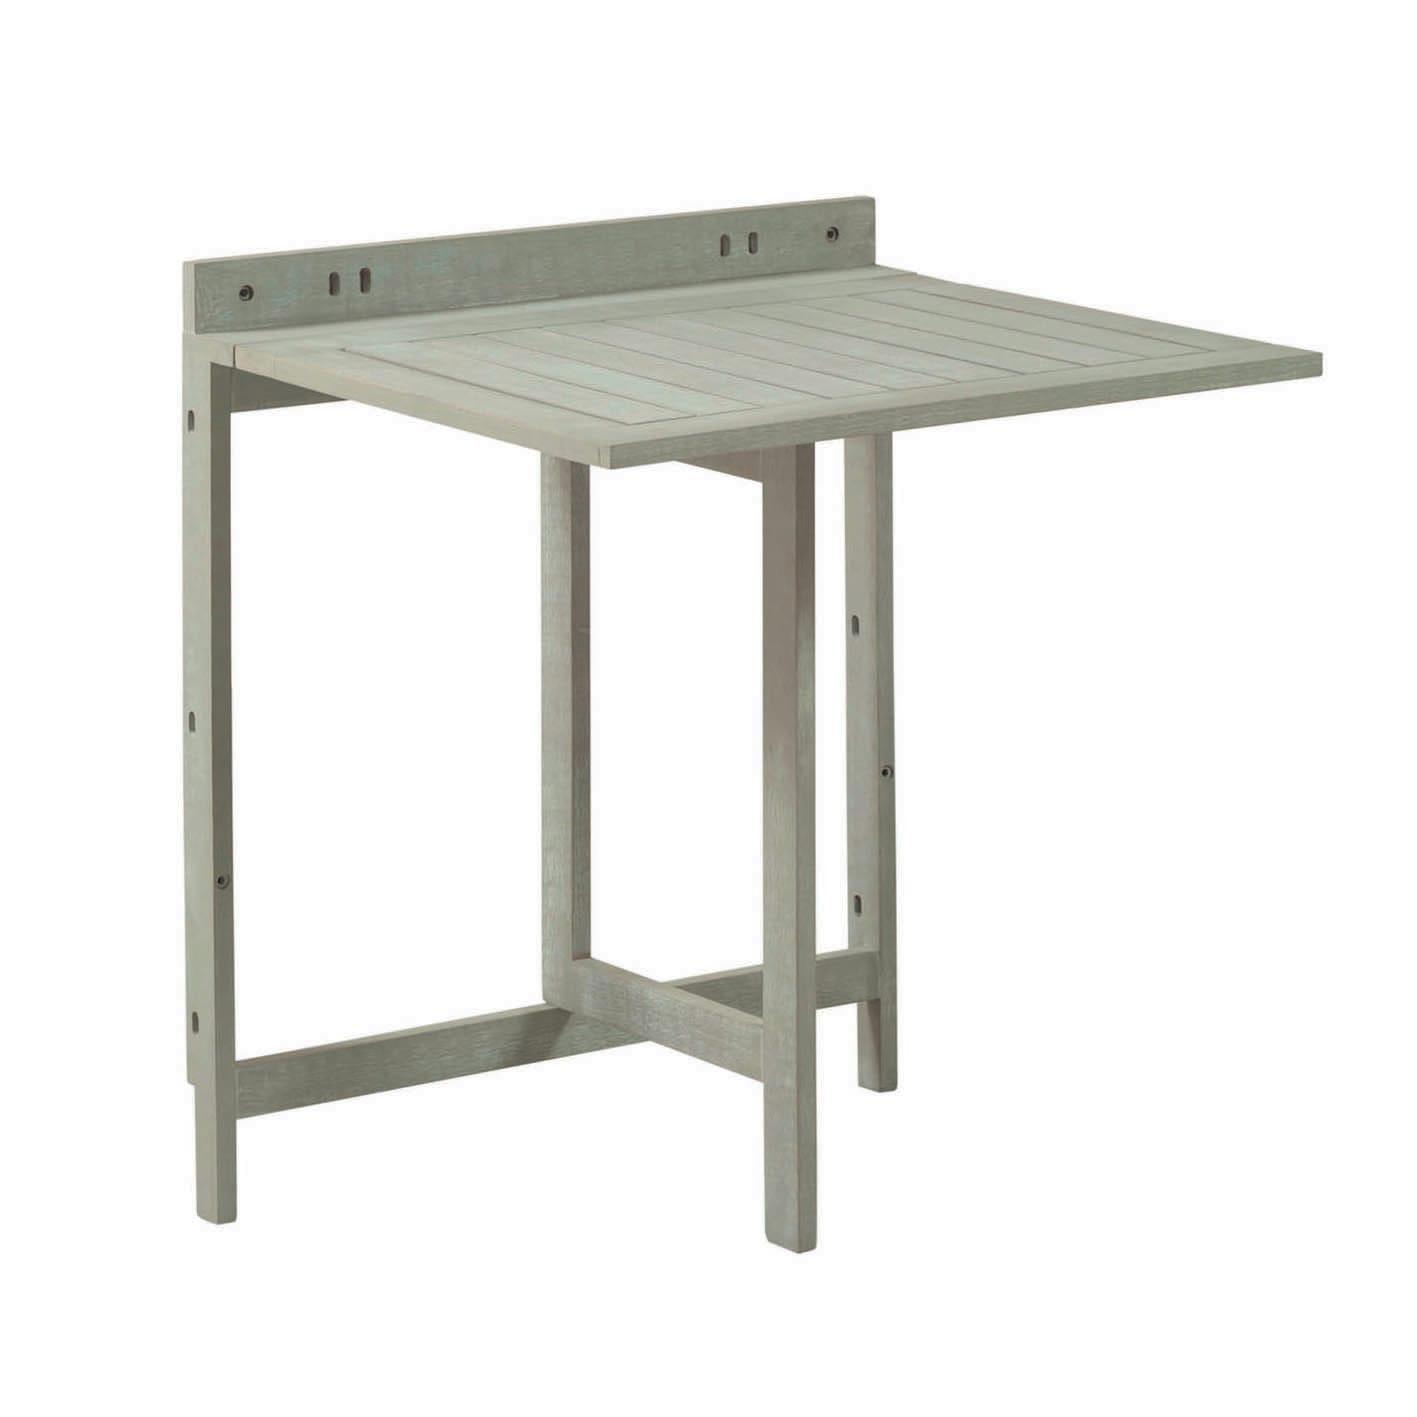 Leroy Merlin Mobili Da Balcone tavolo da giardino allungabile rettangolare naterial con piano in legno l  10.5 x p 70 cm